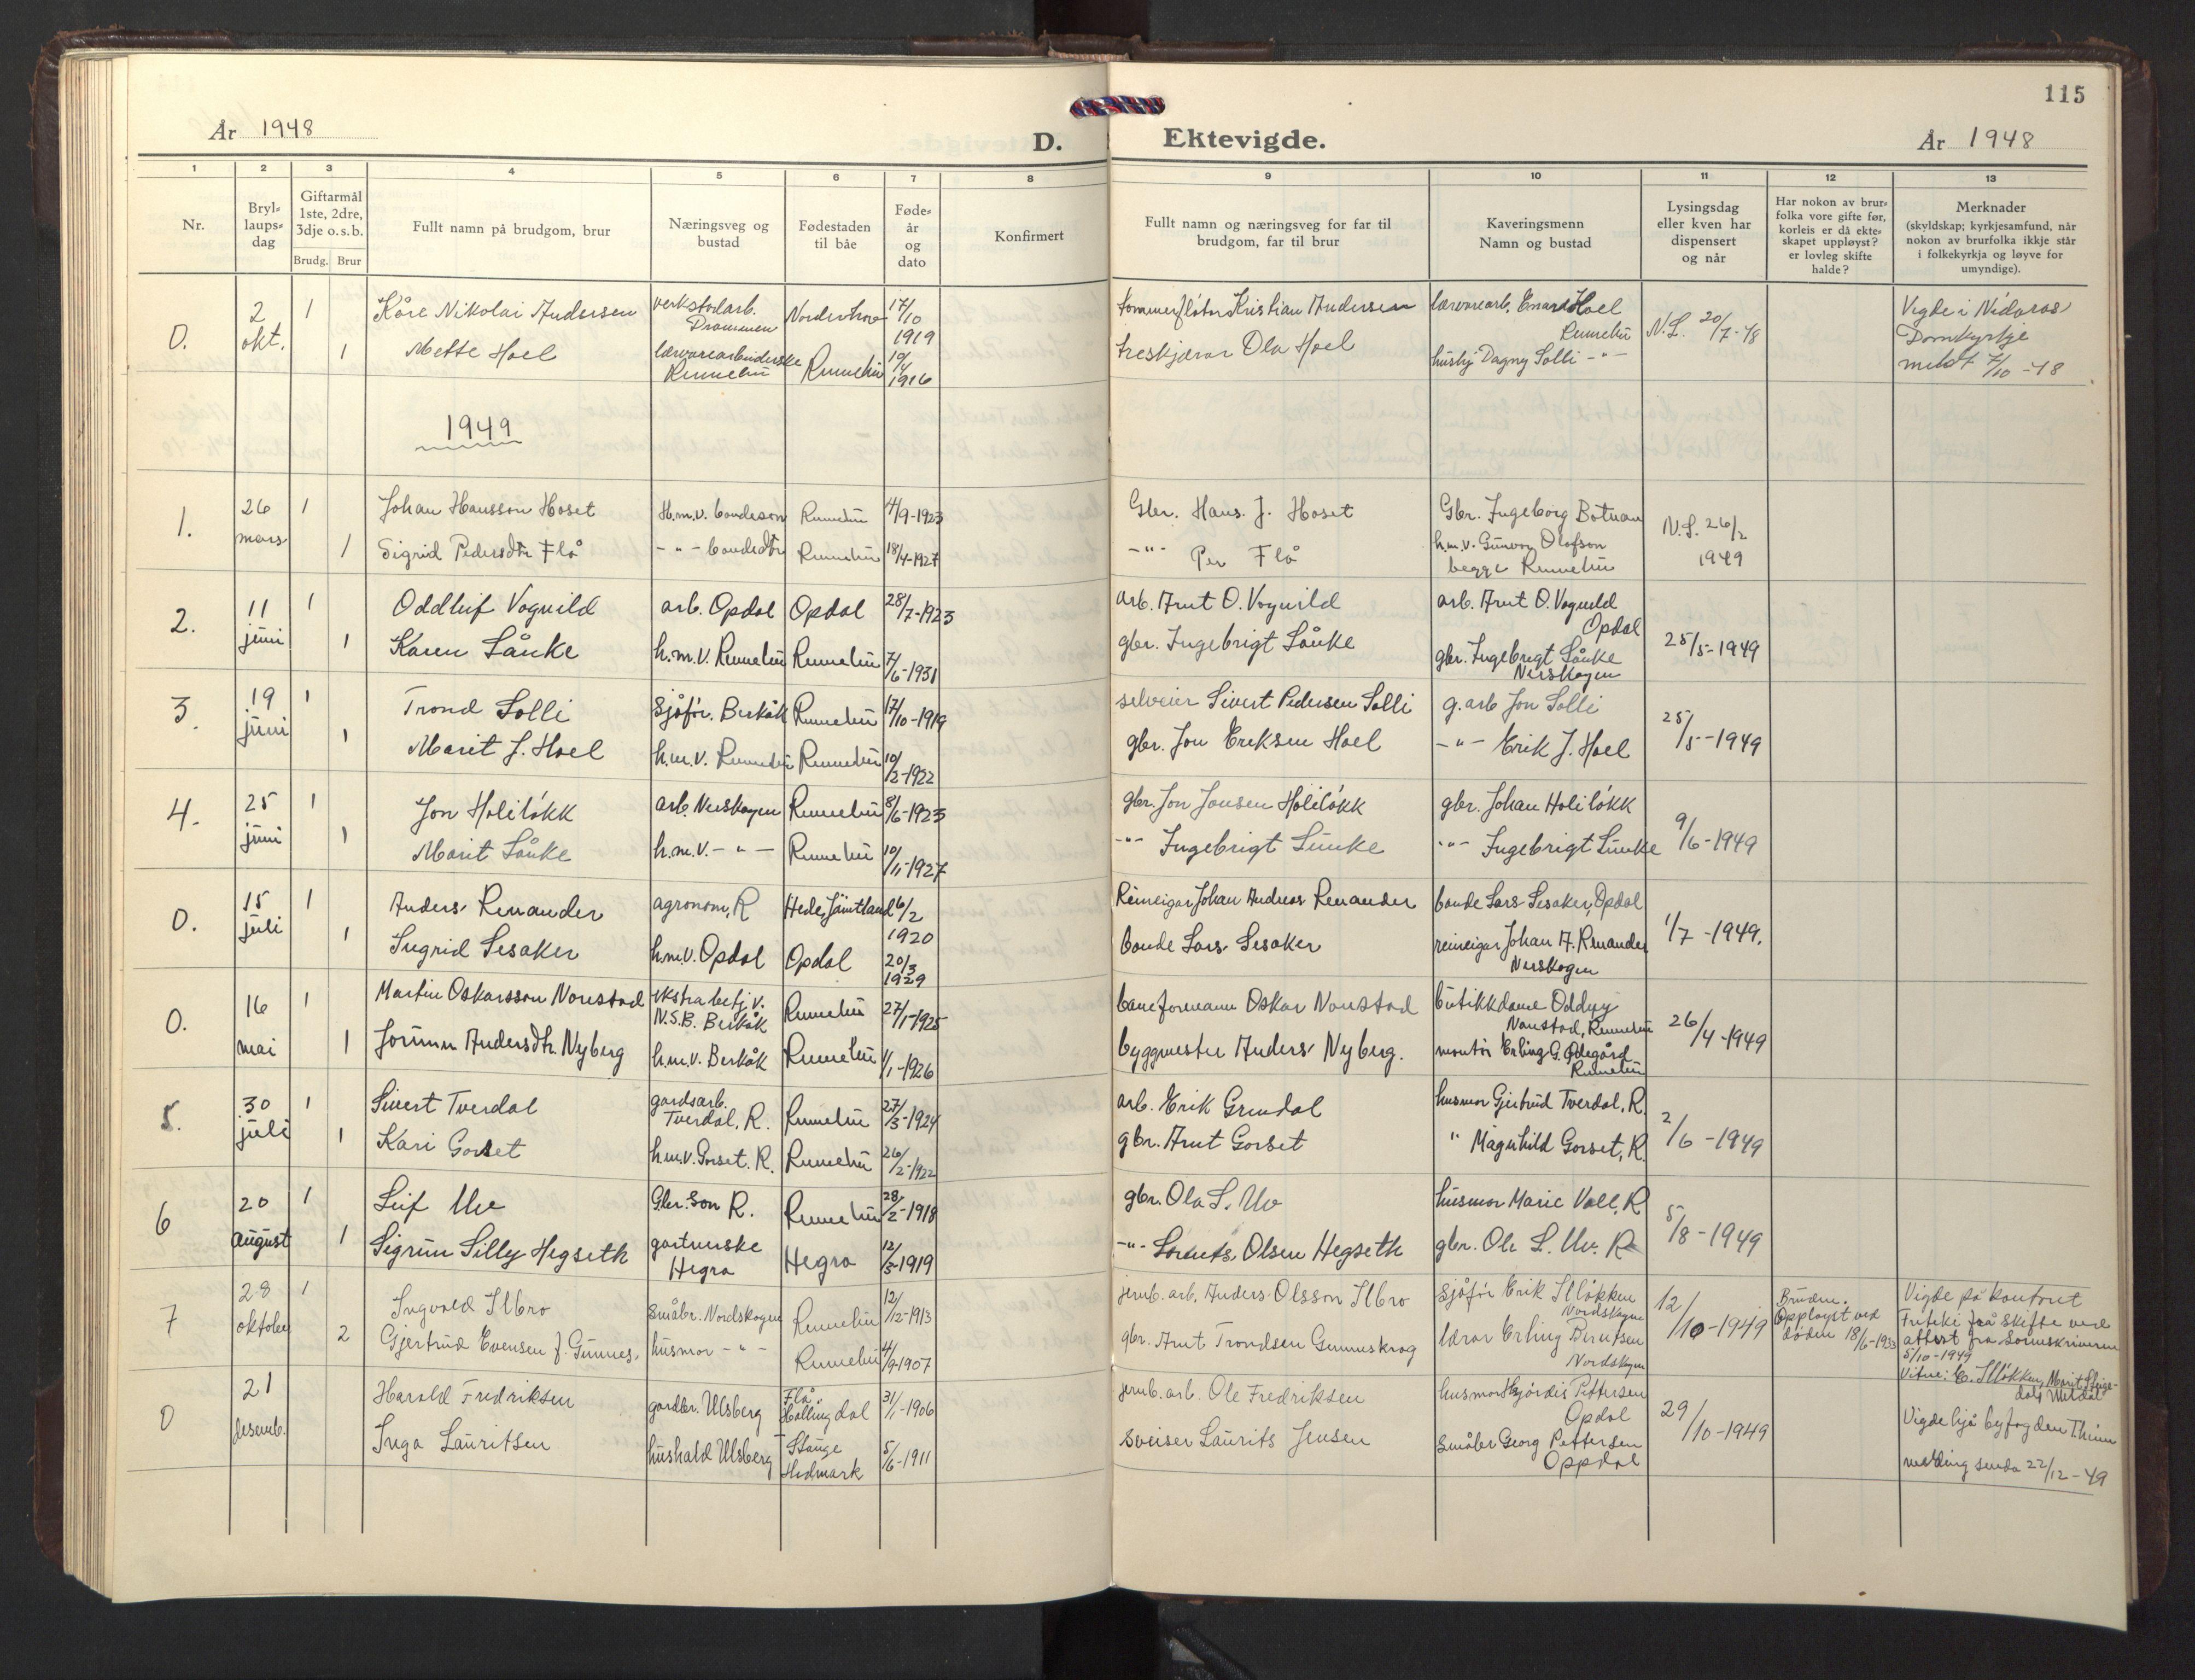 SAT, Ministerialprotokoller, klokkerbøker og fødselsregistre - Sør-Trøndelag, 674/L0878: Klokkerbok nr. 674C05, 1941-1950, s. 115